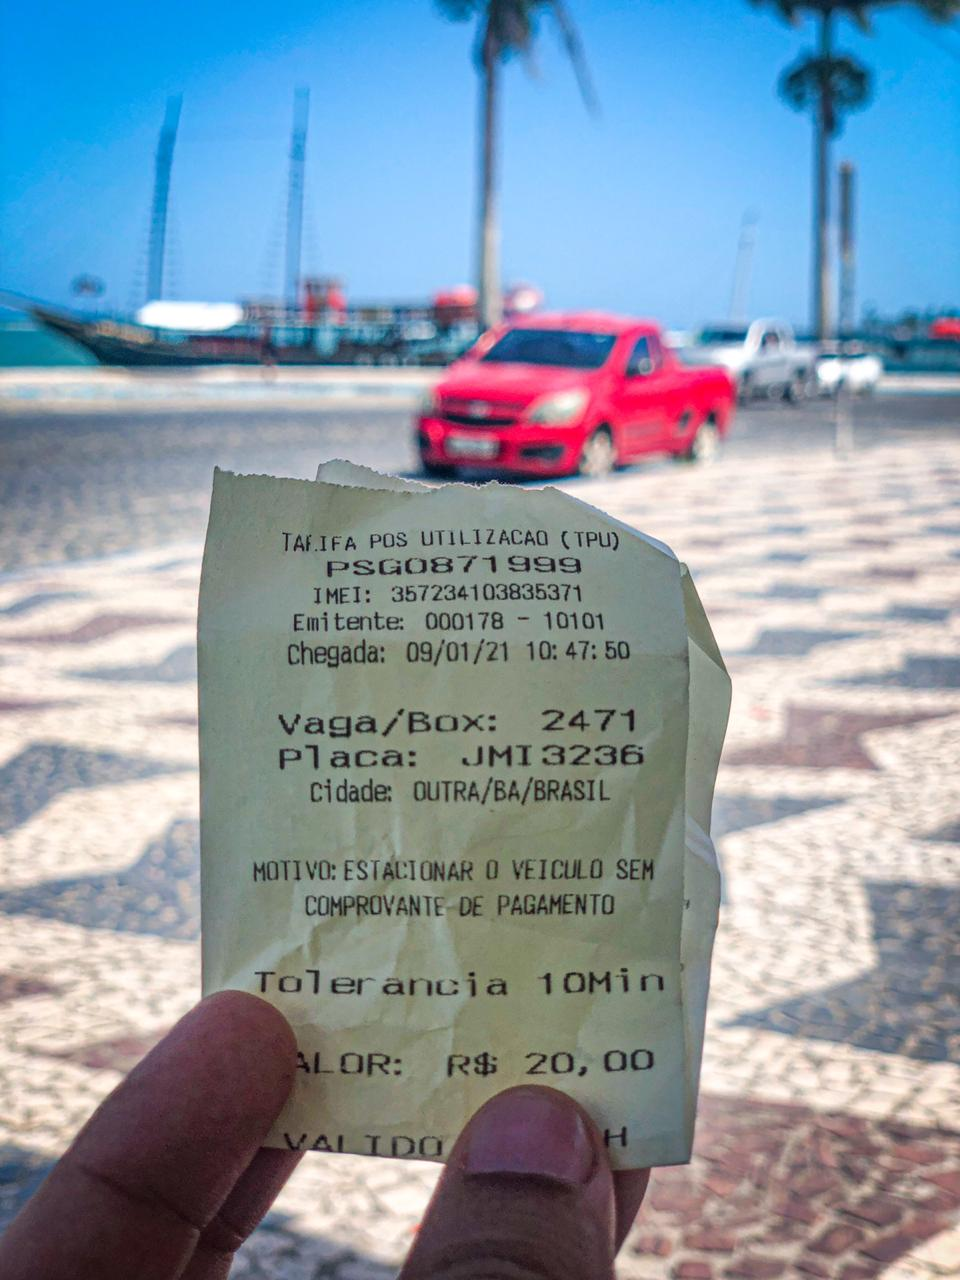 Tribunal de justiça faz voltar a Zona azul em Porto Seguro. A Prefeitura irá recorrer da decisão! 20